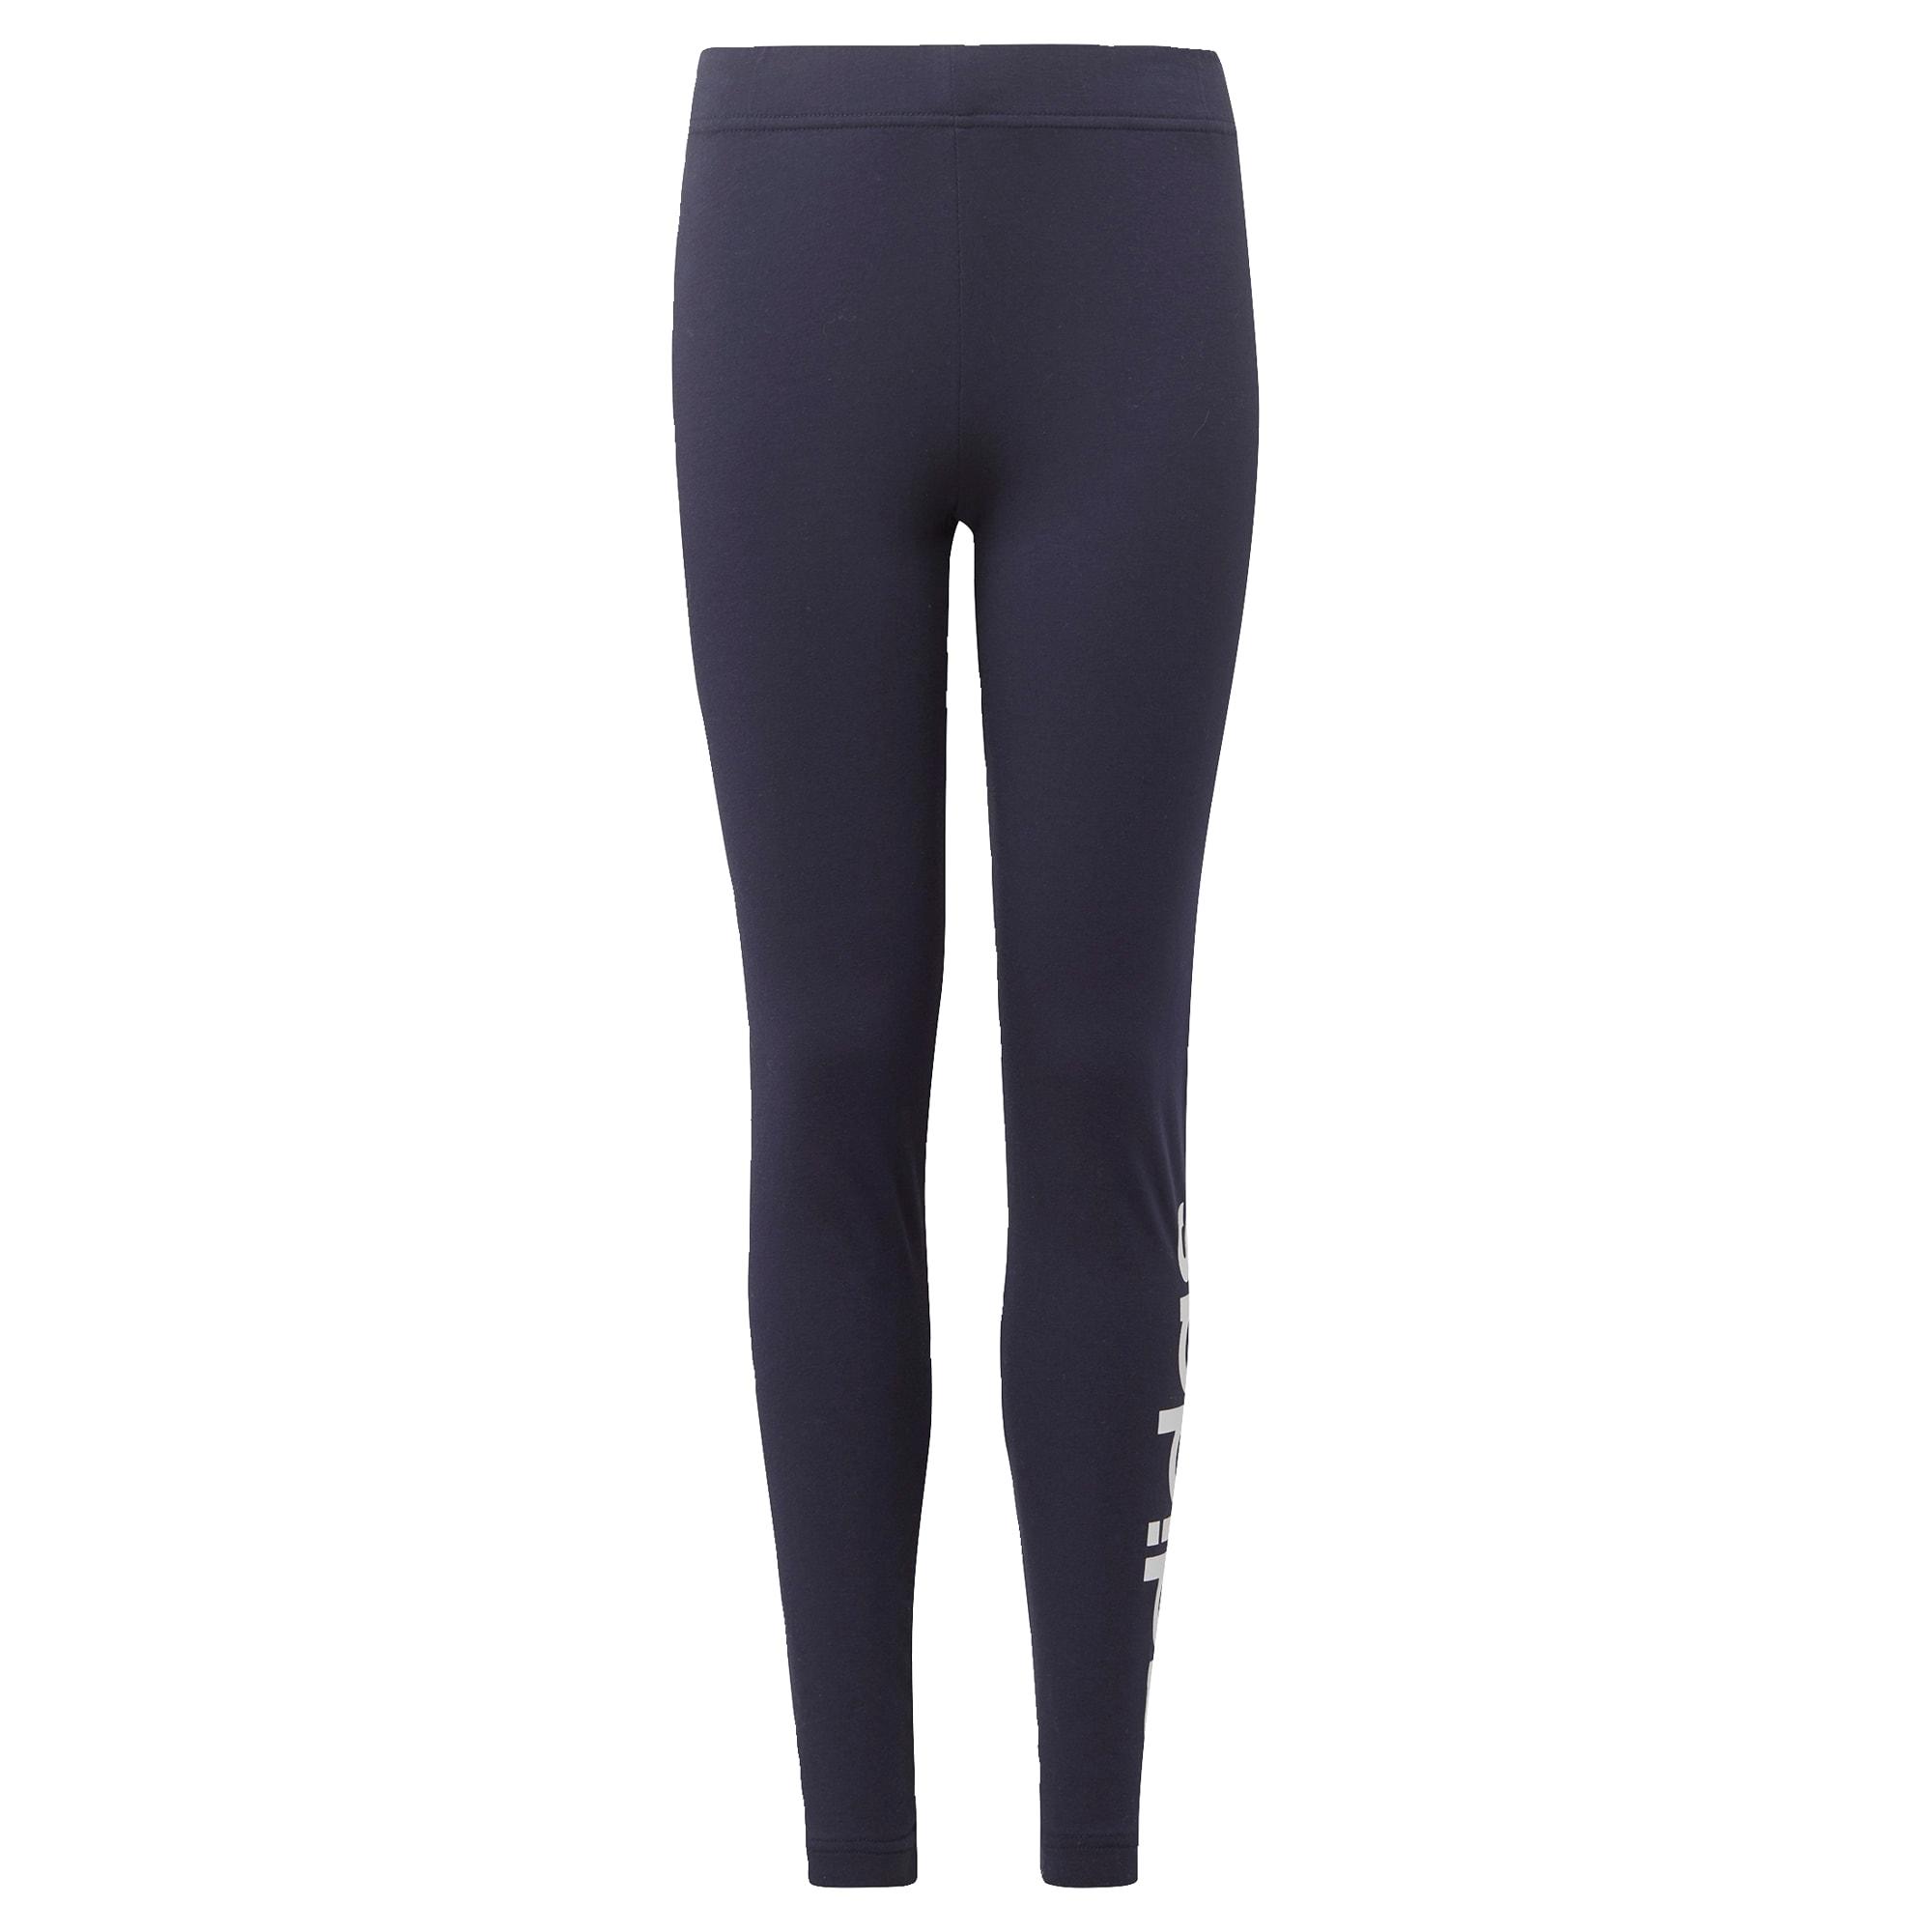 ADIDAS PERFORMANCE Sportinės kelnės balta / tamsiai mėlyna